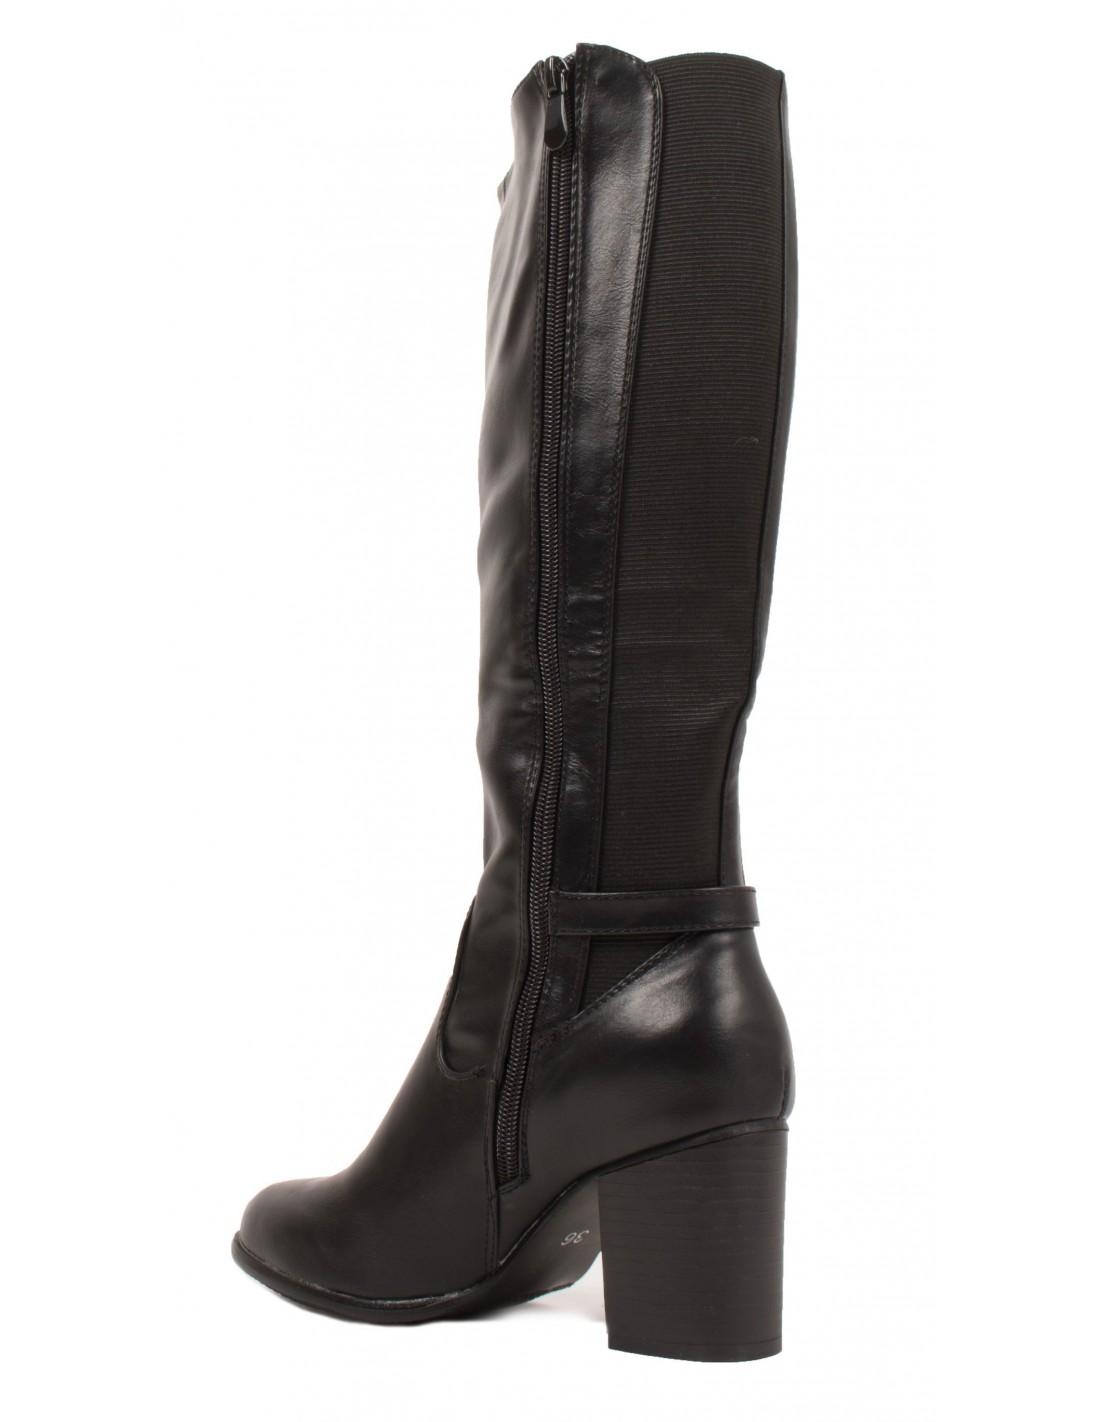 a4ff9de72935c Bottes cavalières élastique femme à petit talon en simili cuir noir